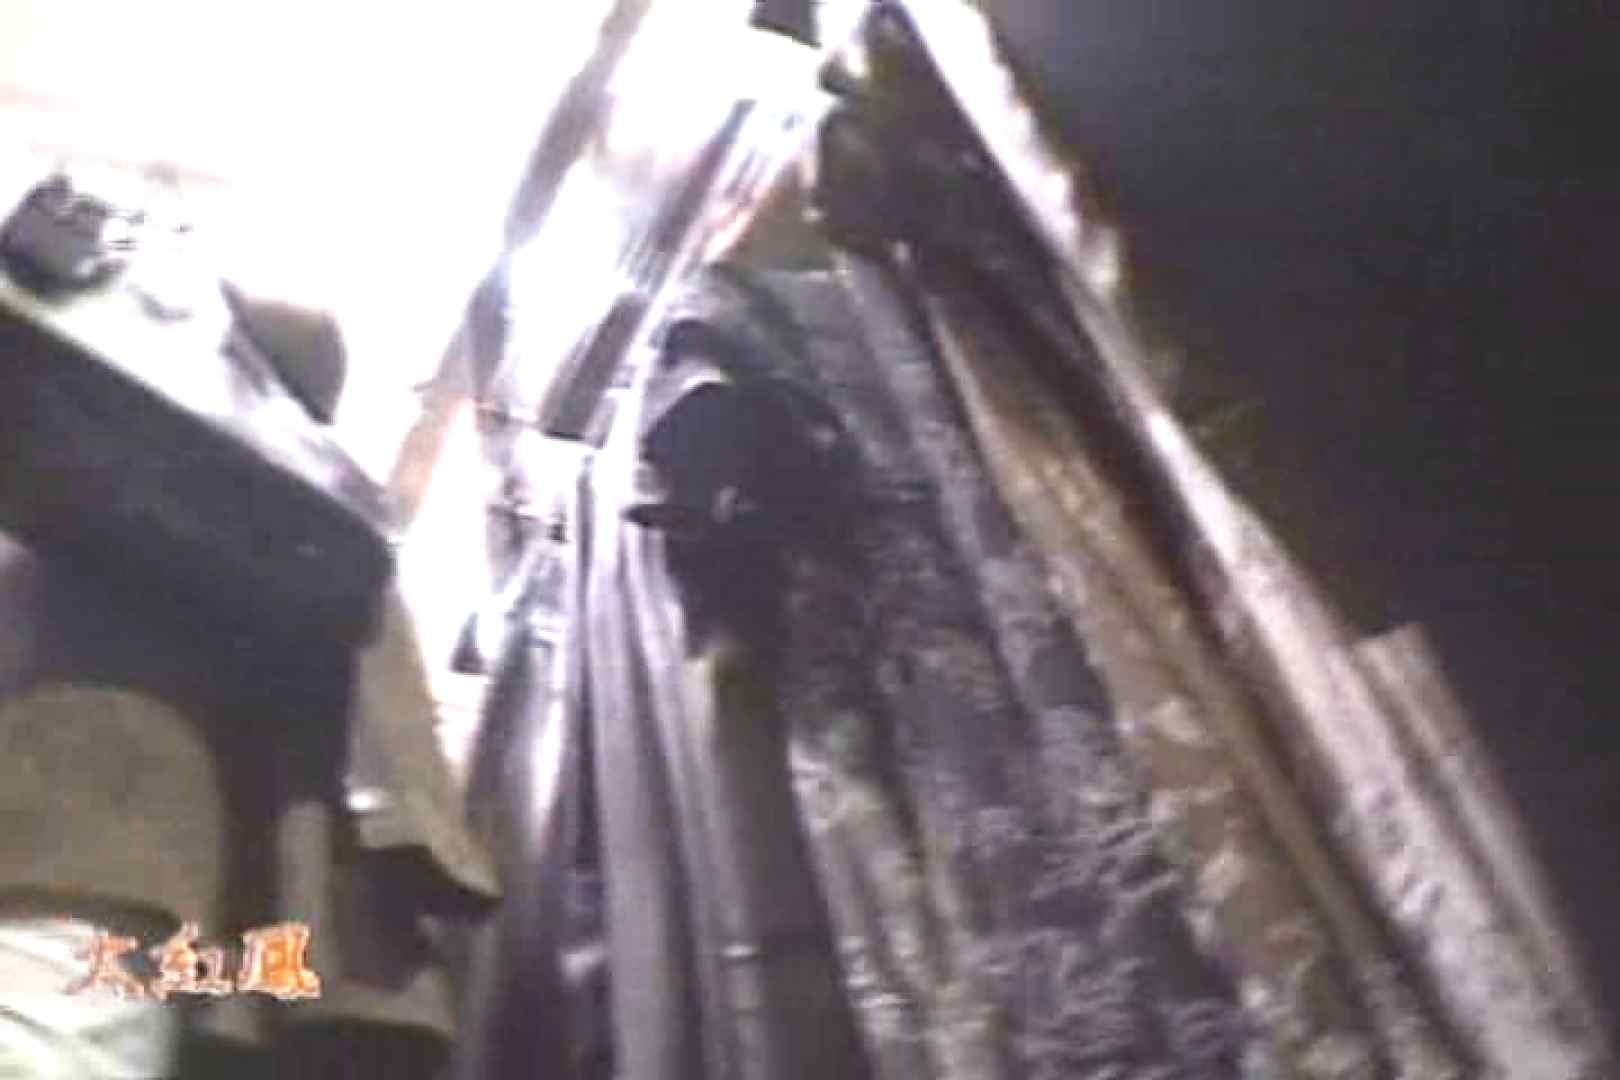 究極カリスマショップ逆さ撮り 完全保存版02 盗撮 のぞき動画画像 58PIX 54